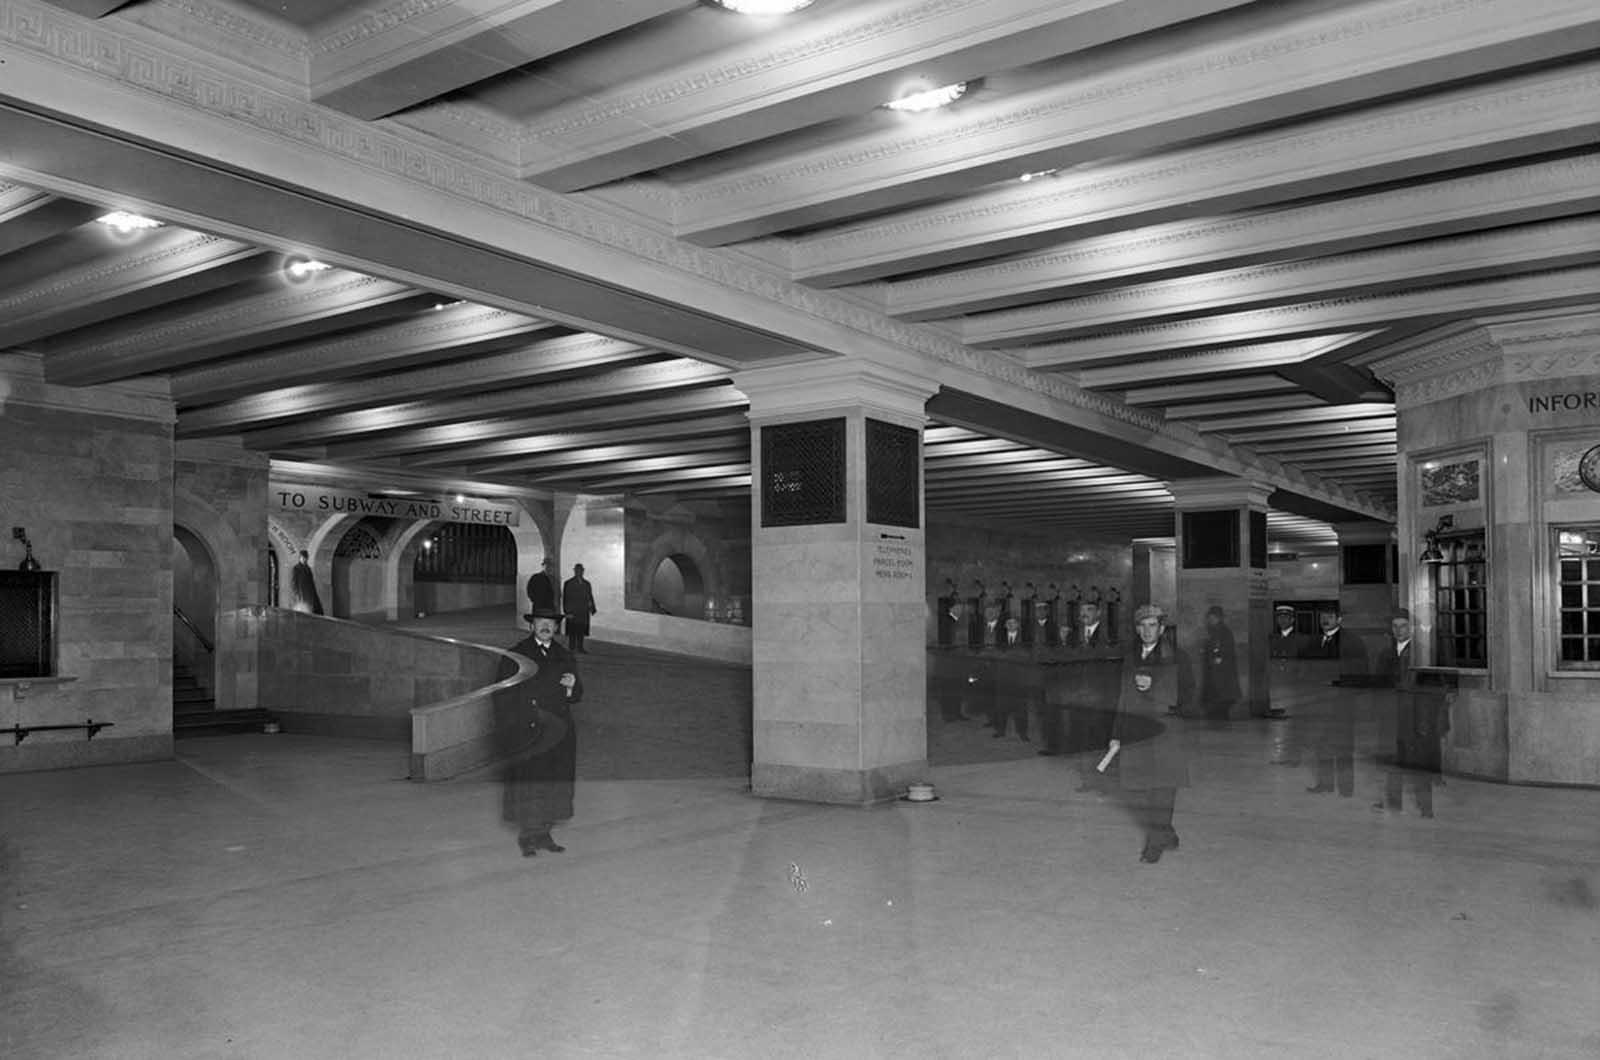 Entrada suburbana con rampa, Grand Central Terminal, ca 1912.